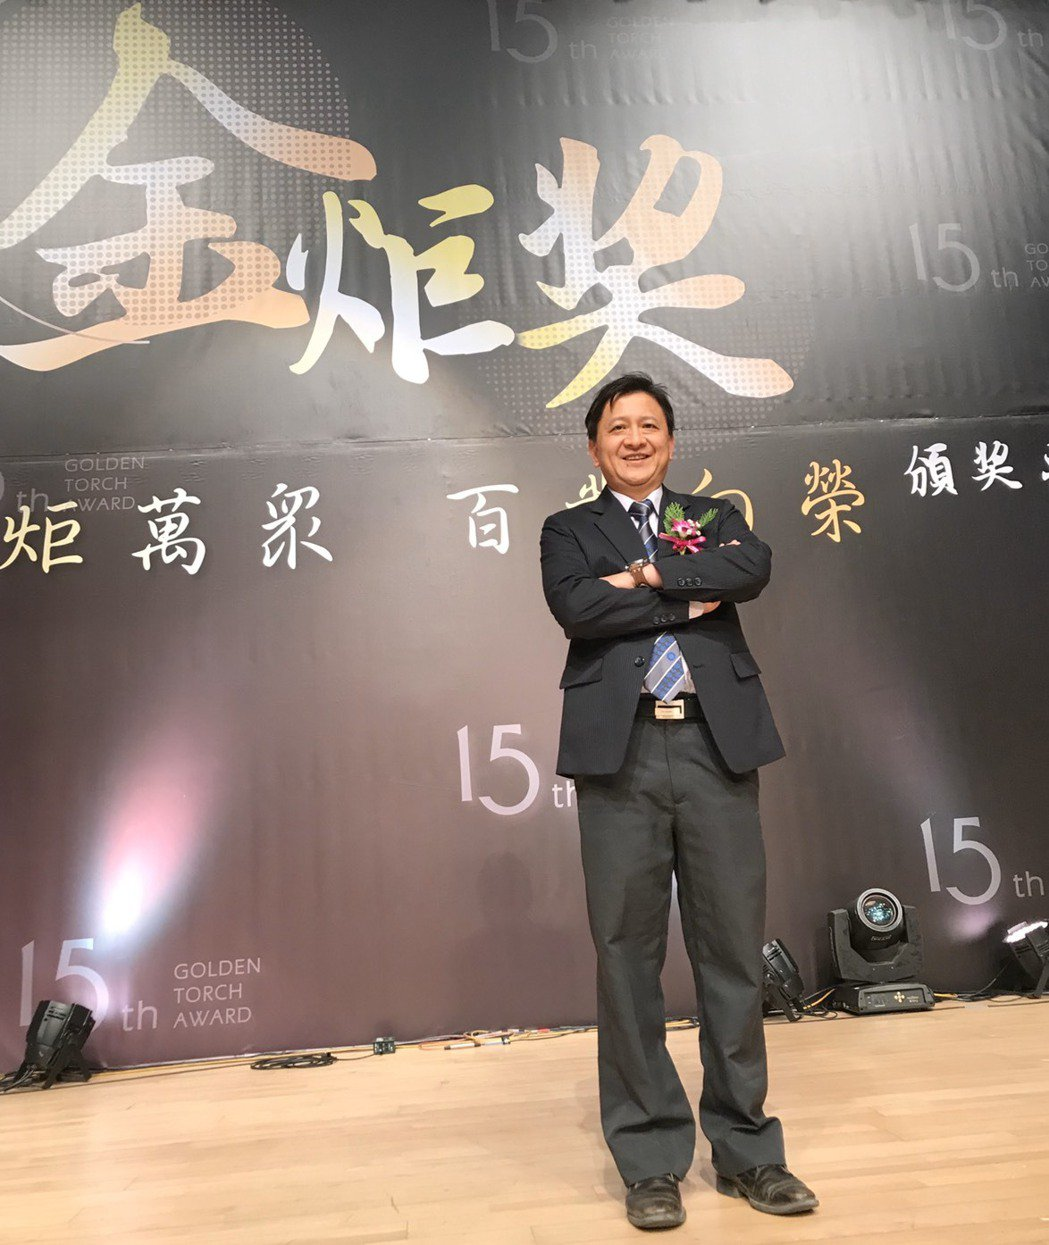 棋展電子榮獲「第15屆金炬獎」,年度十大績優企業獎 業者/提供